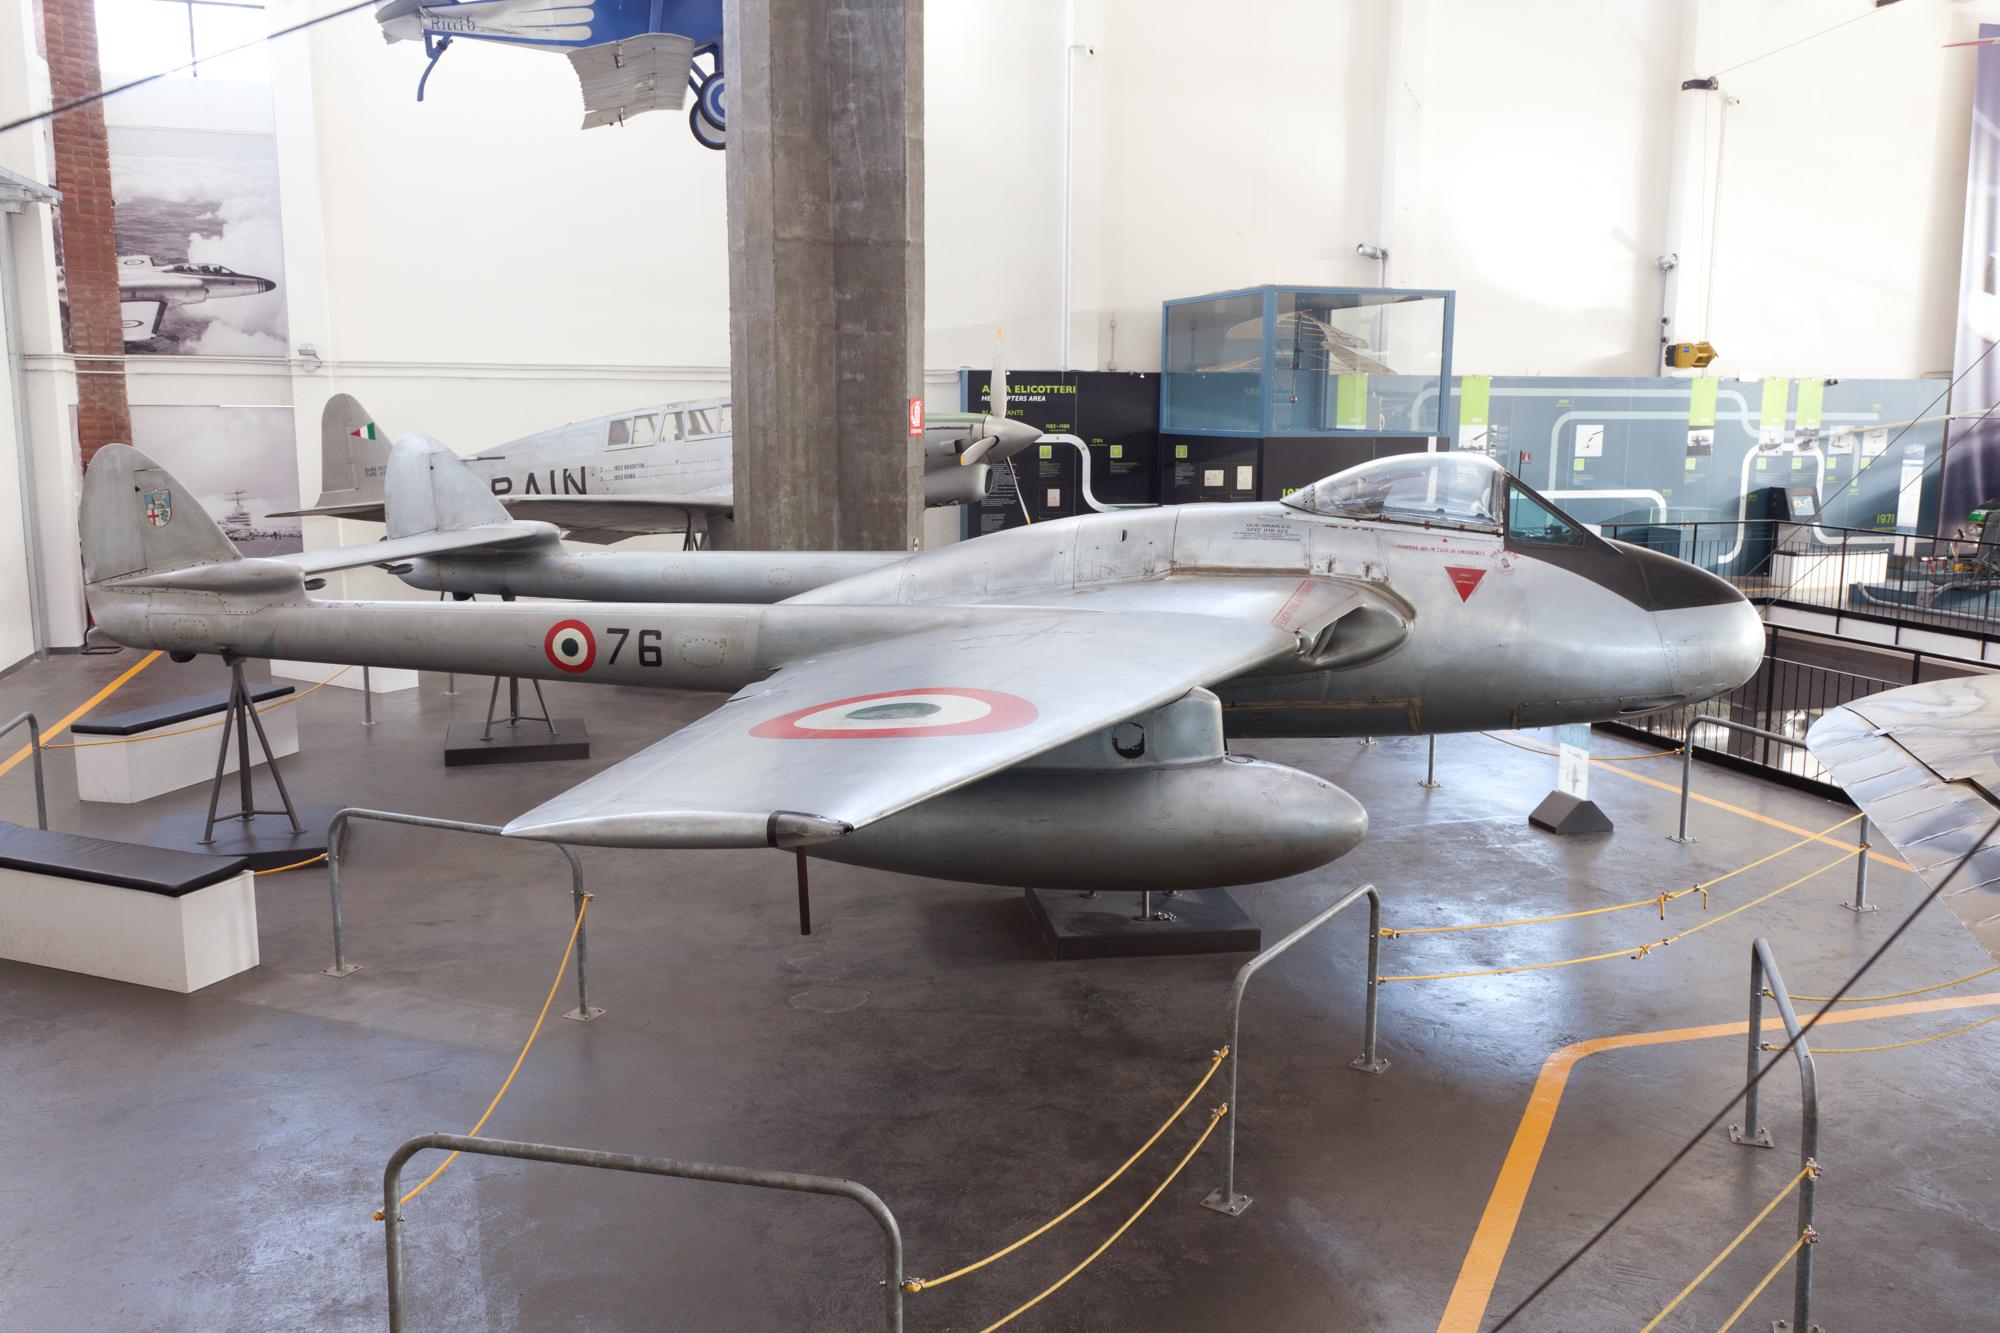 Macchi_DH_100_Vampire_Museo_scienza_e_te